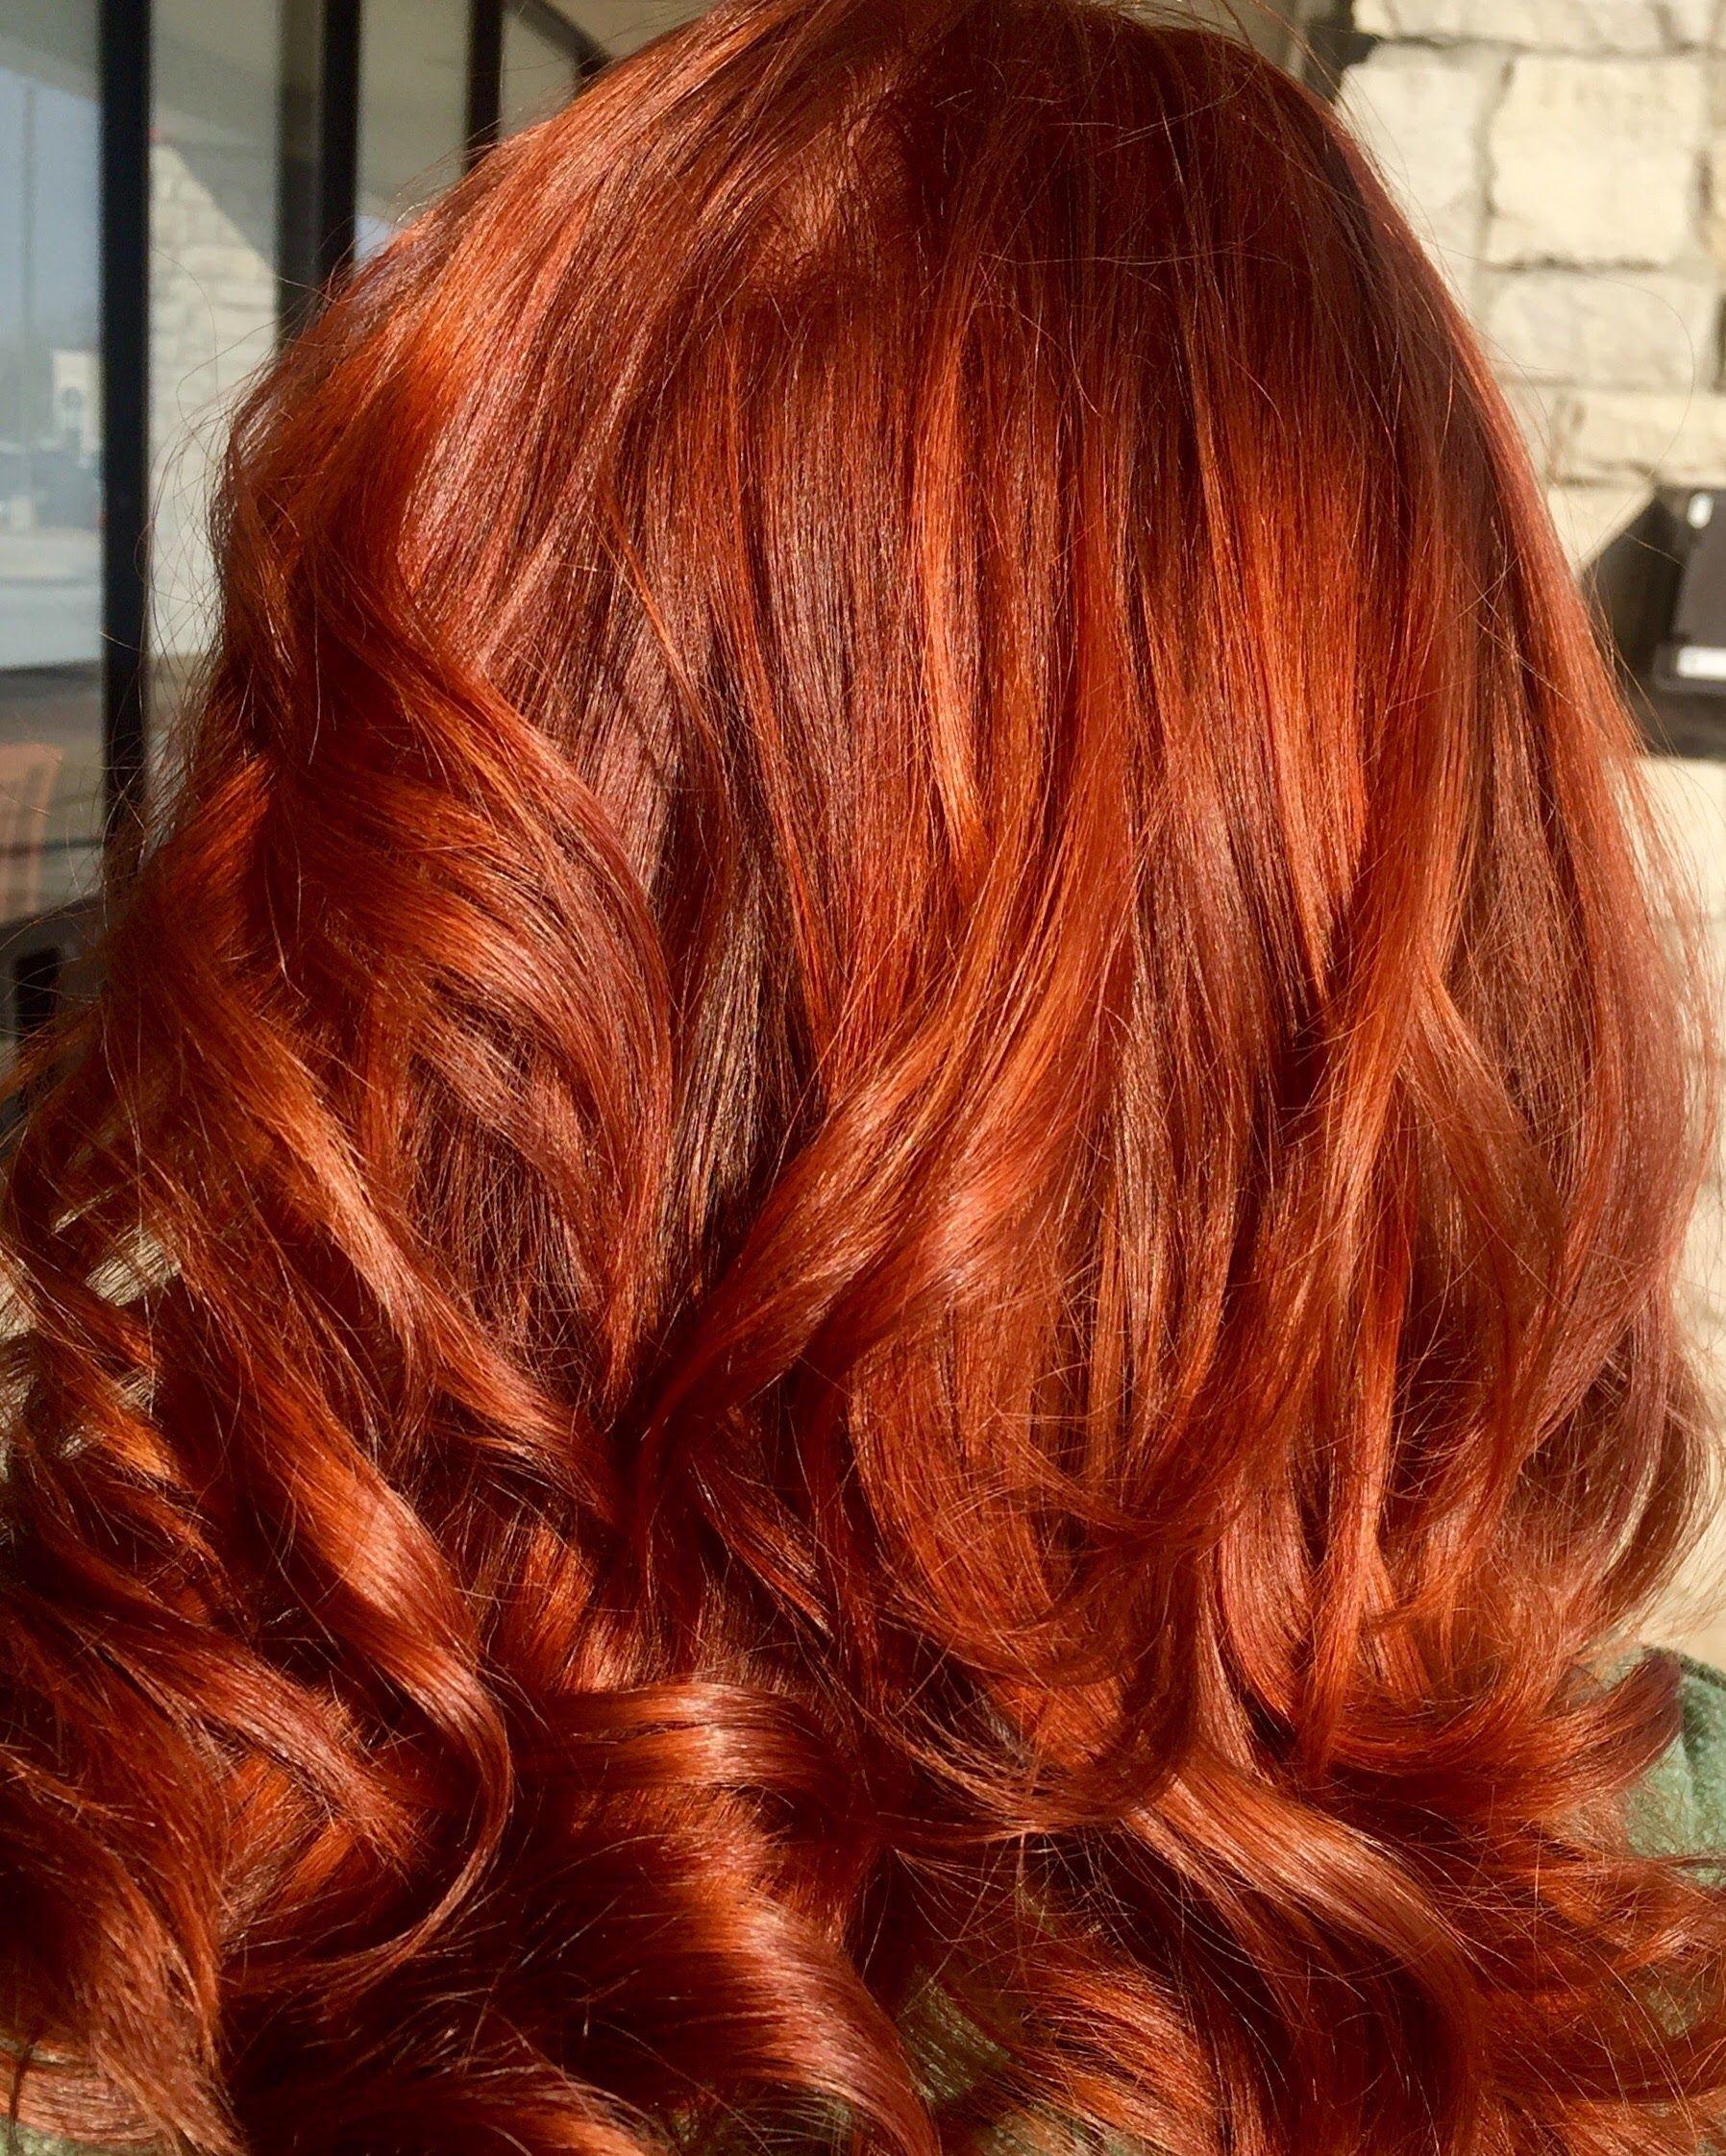 Warm Cinnamon Hair Color Using Pravana Chromasilk Hair Color For